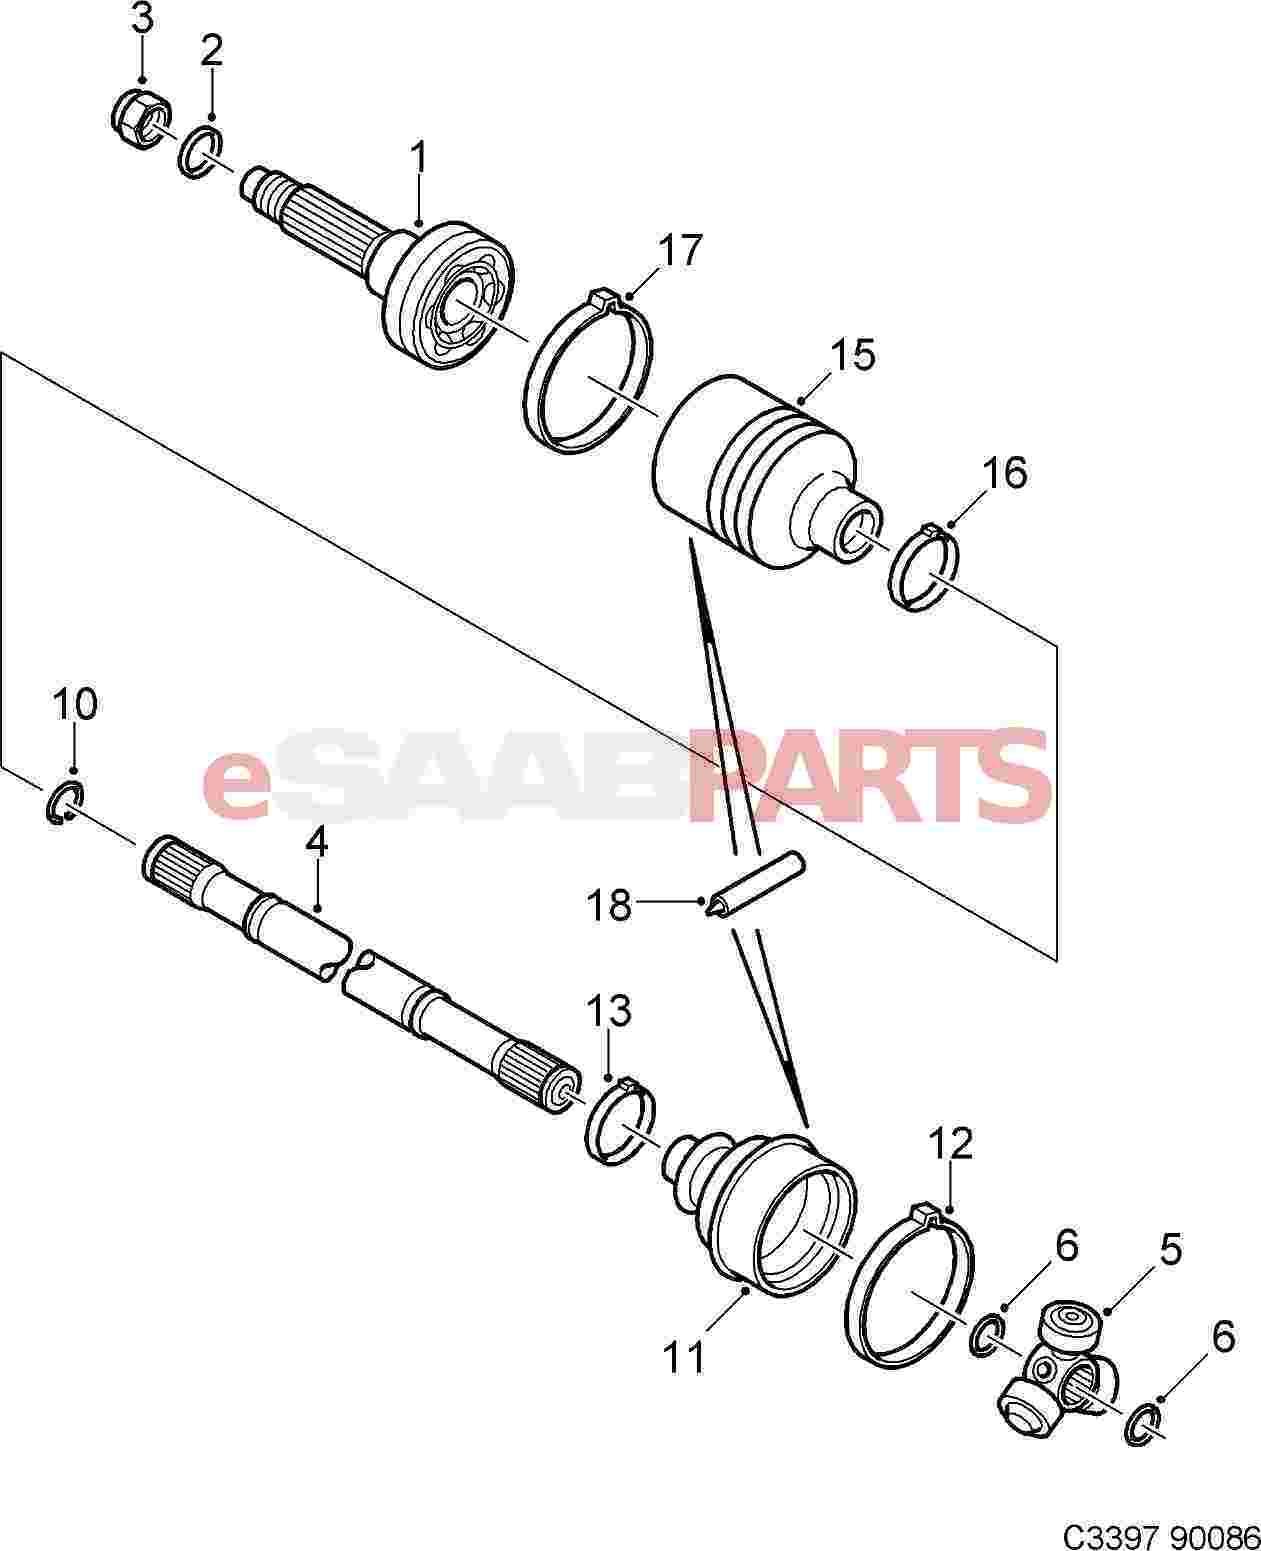 eSaabParts com - Saab C900 > Transmission Parts > CV Joints